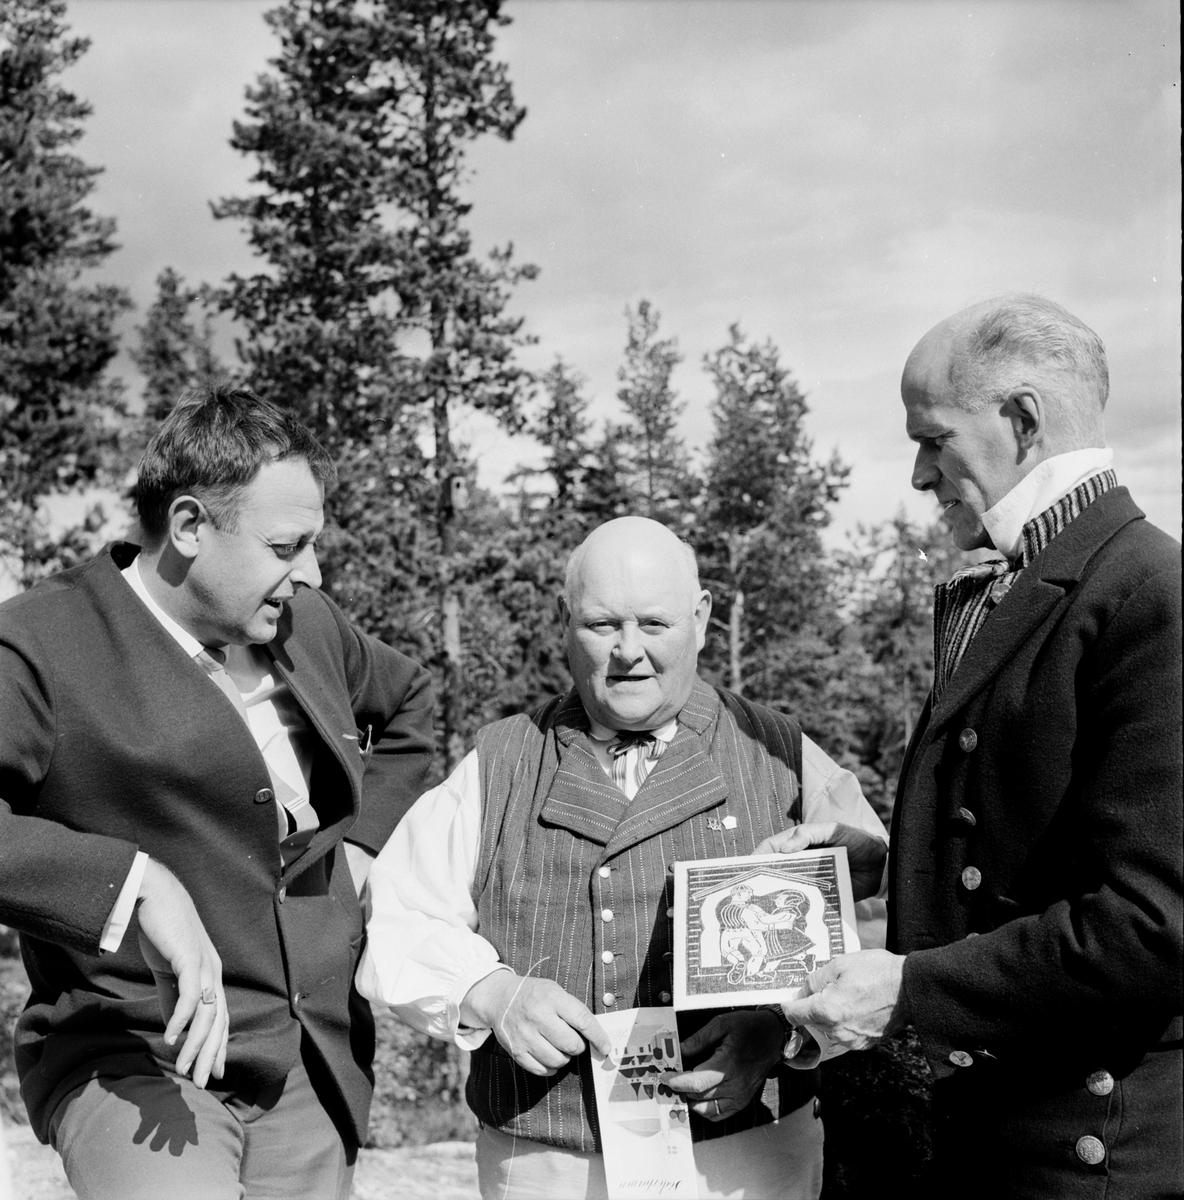 Landskapsleken, Inform i Järvsö, Öberg, Tjock-Anders, Lars Hansson, 4 Juli 1965